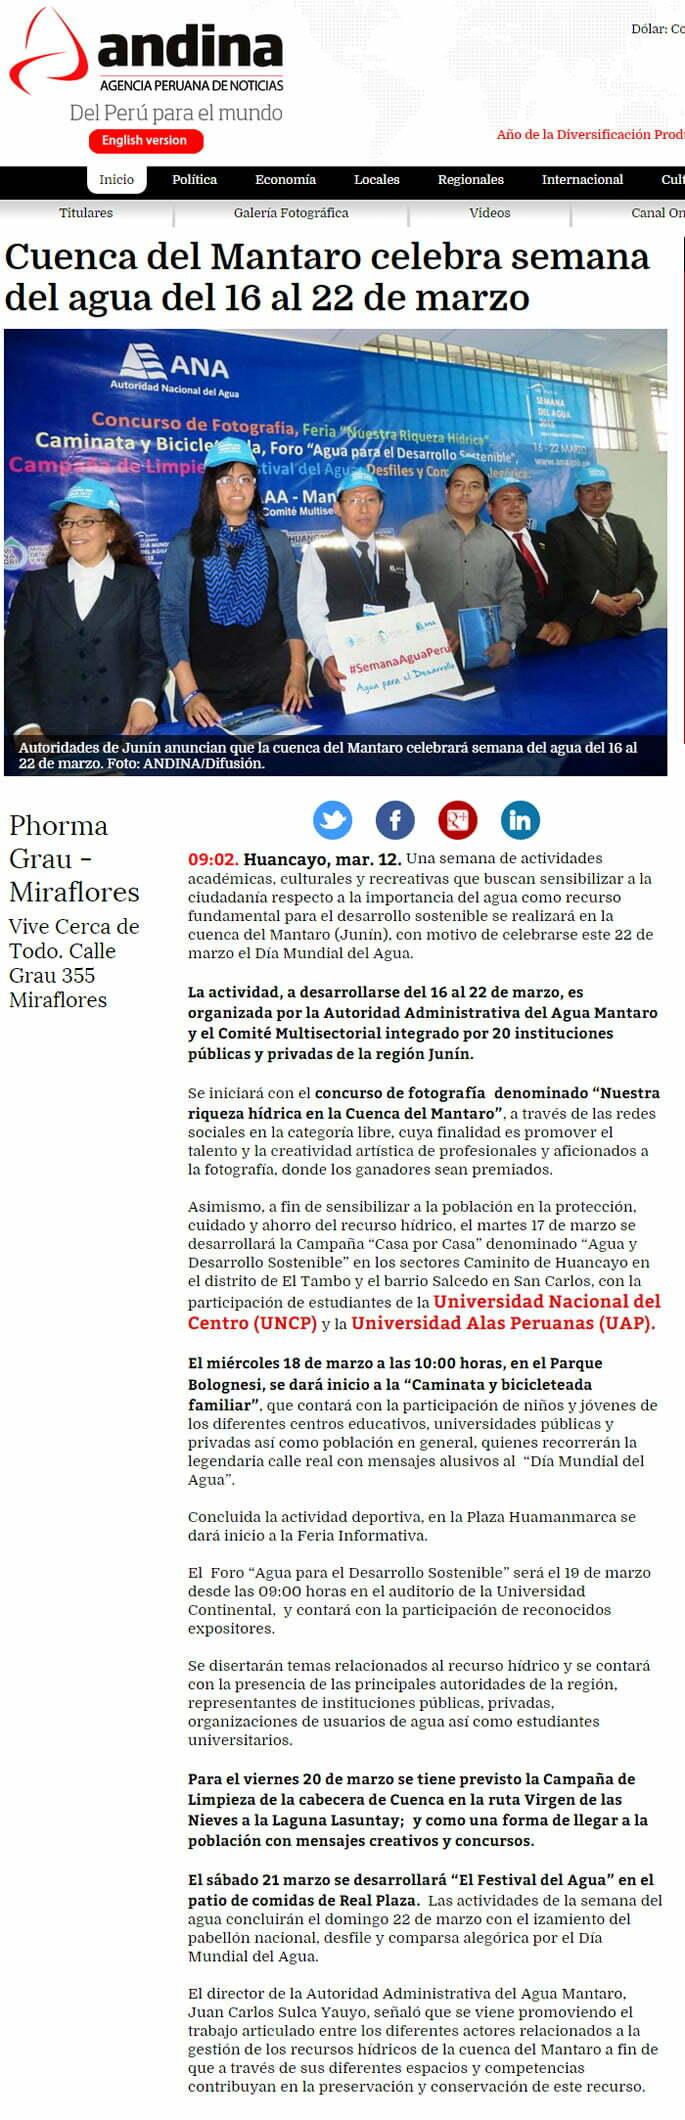 12MAR - CUENCA DEL MANTARO AGUA